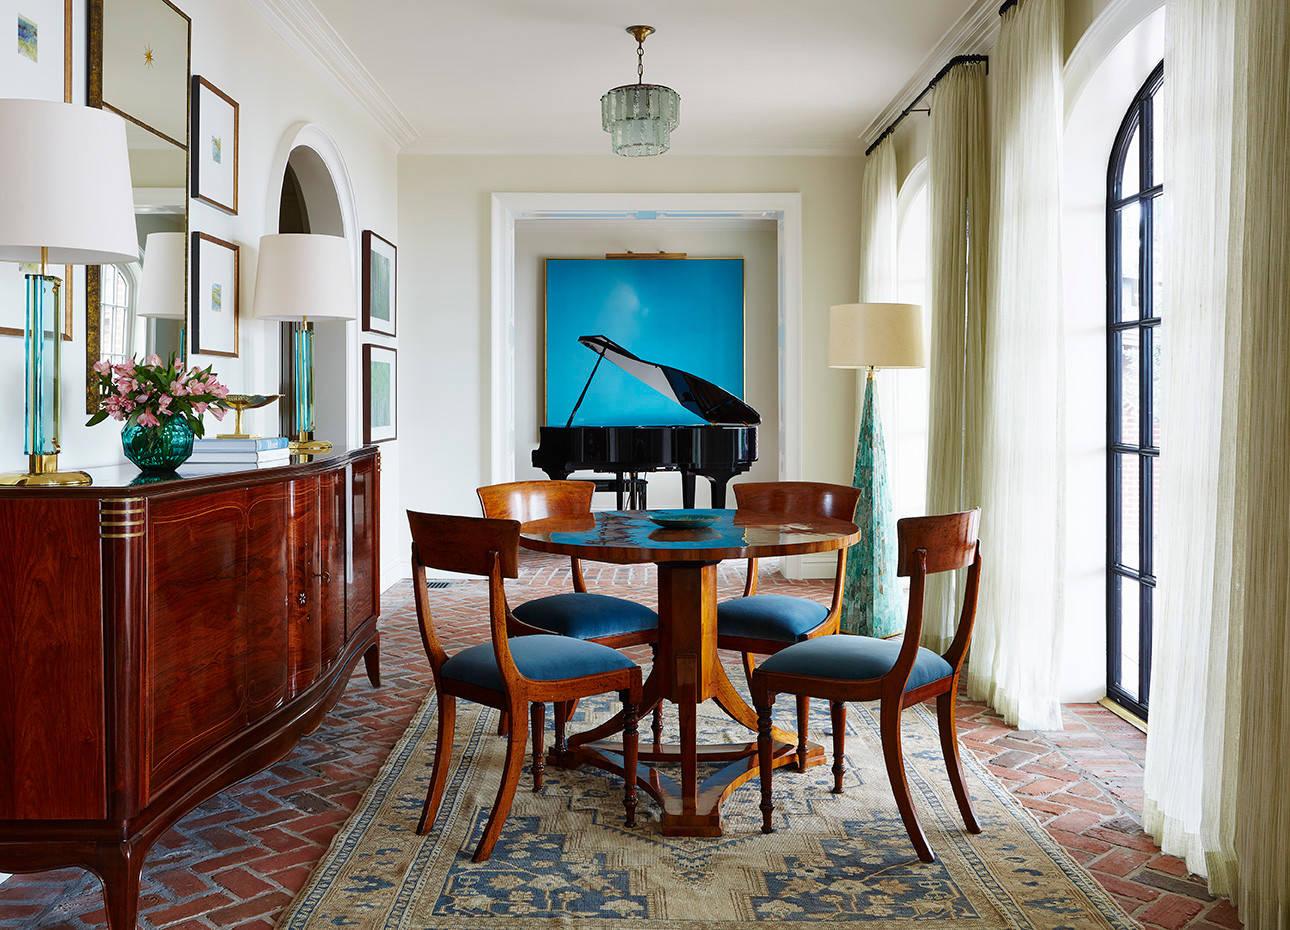 Мебель из натурального дерева придаст чувство роскоши вашему интерьеру